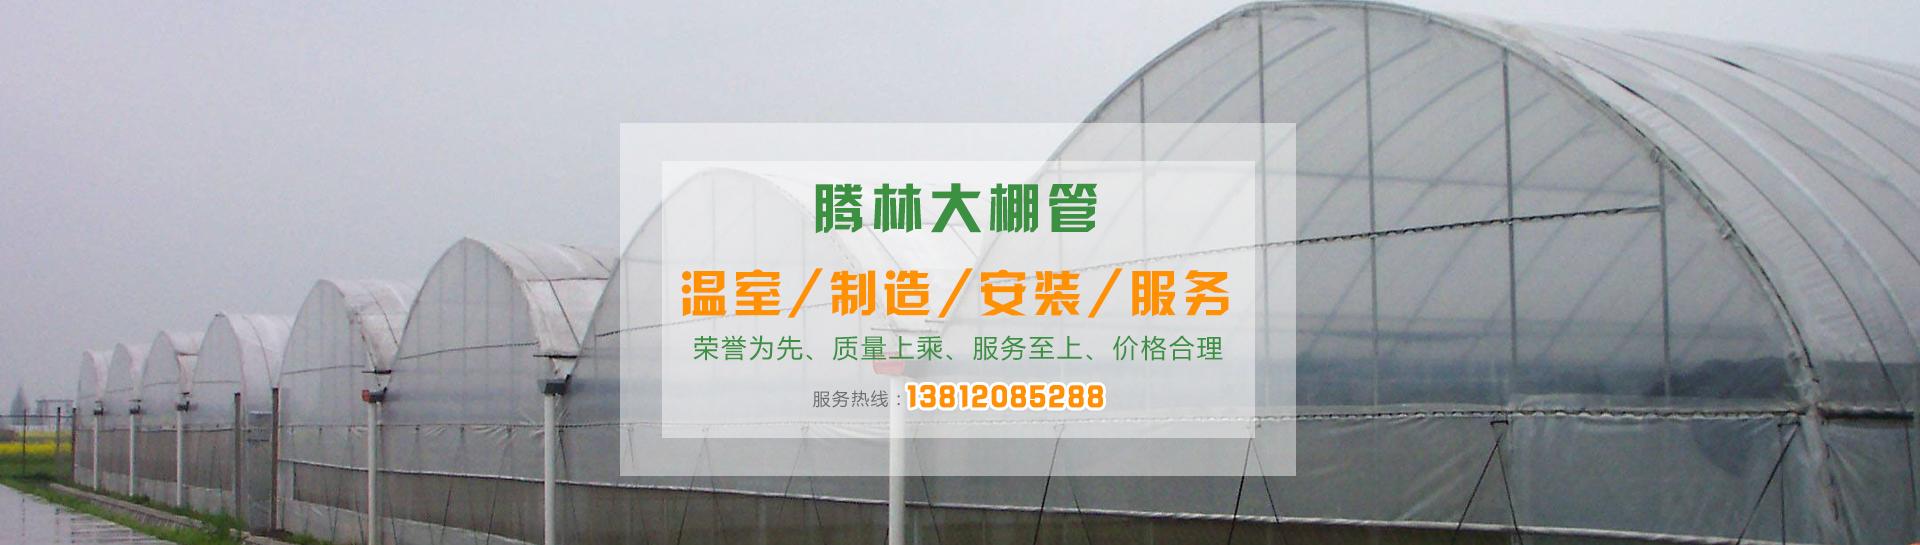 温室大棚厂家